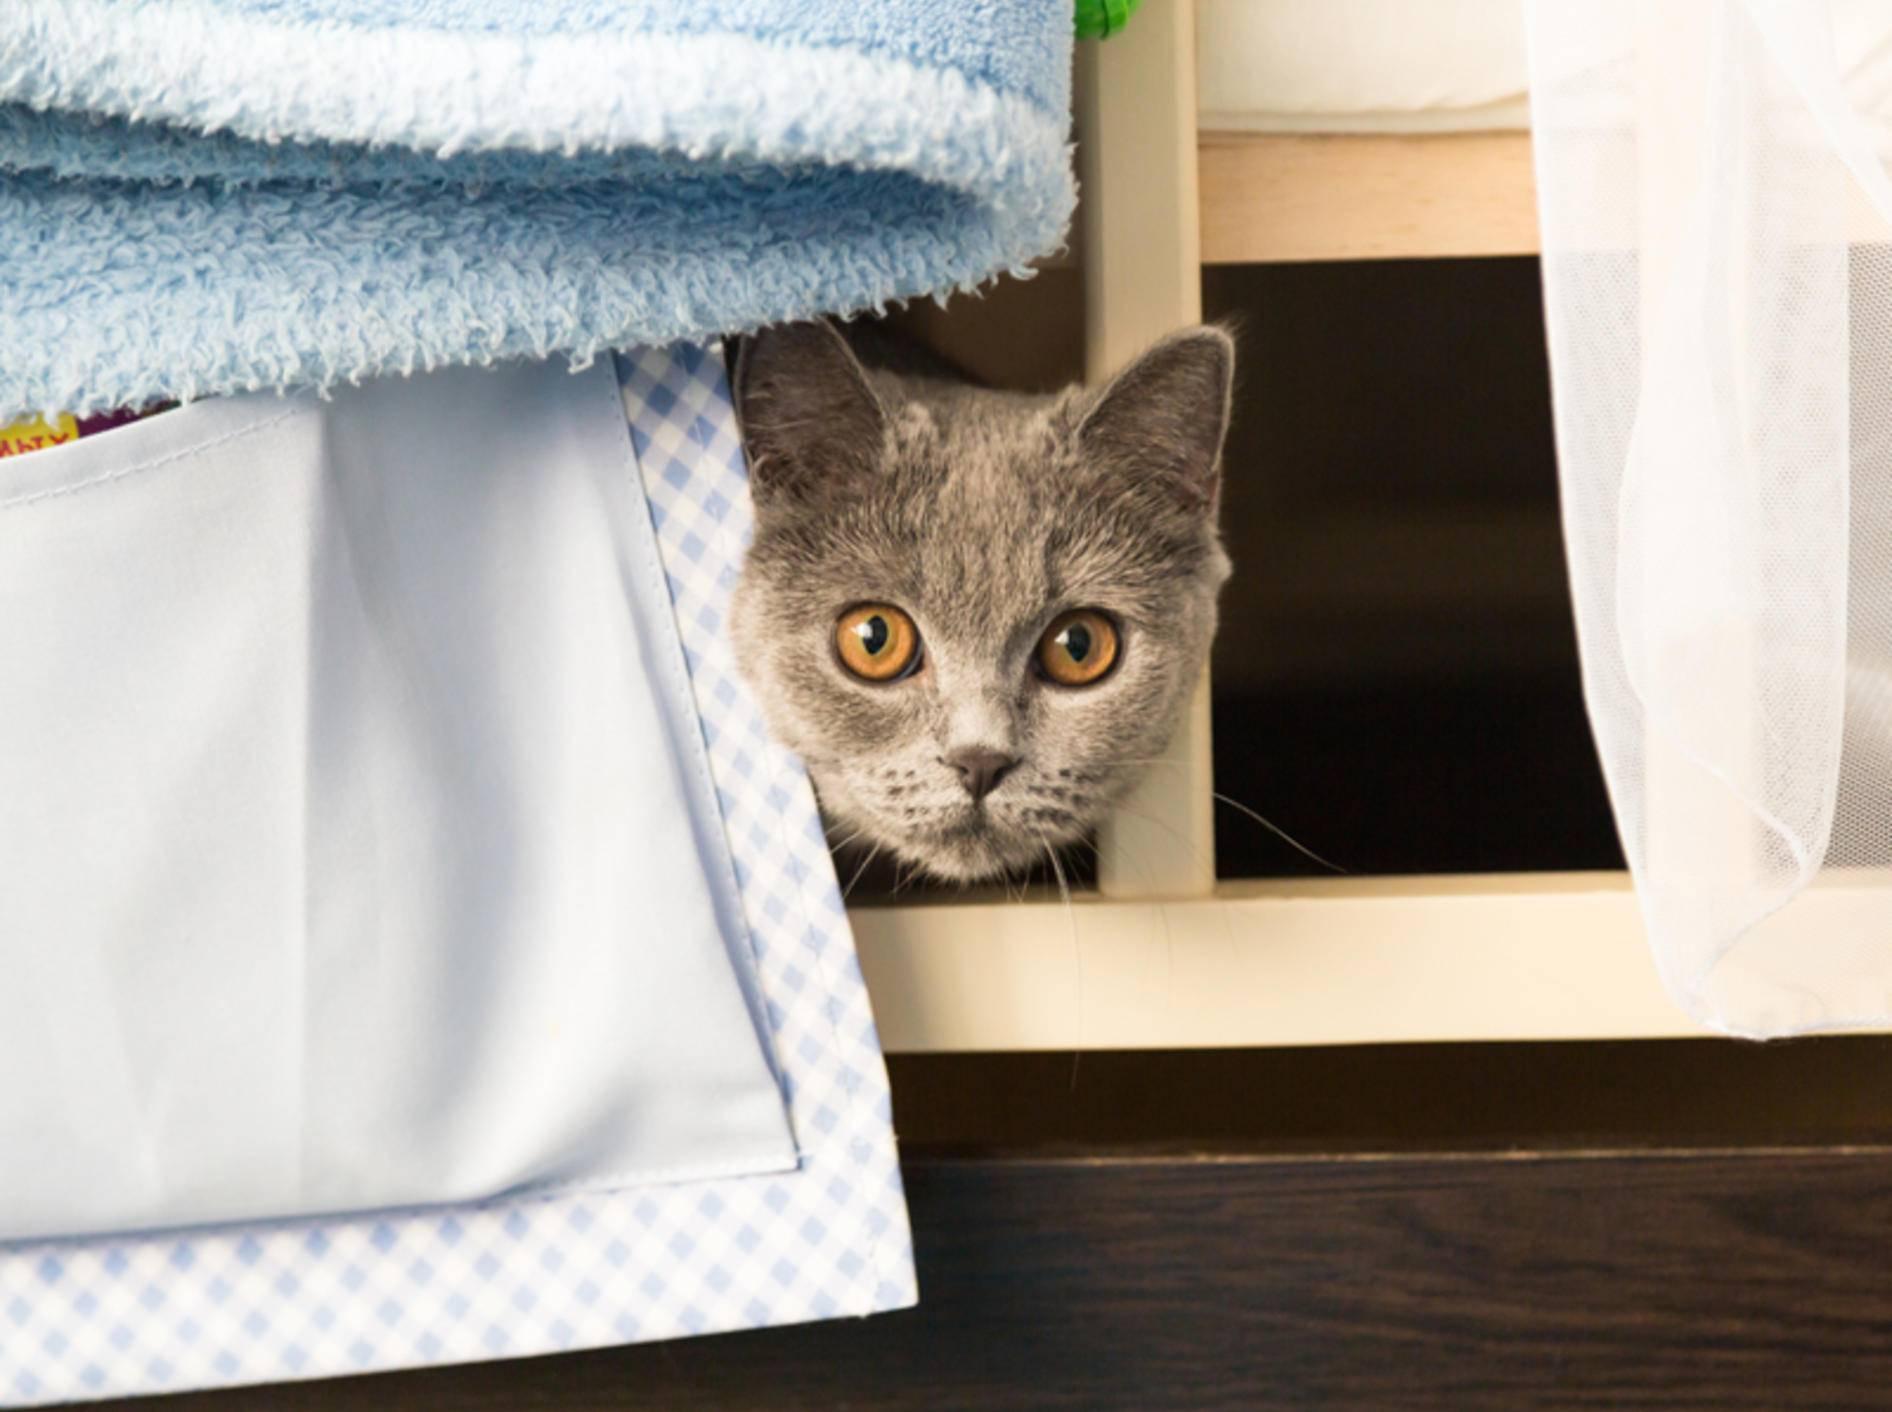 """""""Hilfe! Besuch! Schnell verstecken"""", scheint diese schüchterne Katze zu denken – Shutterstock / katfox.art"""